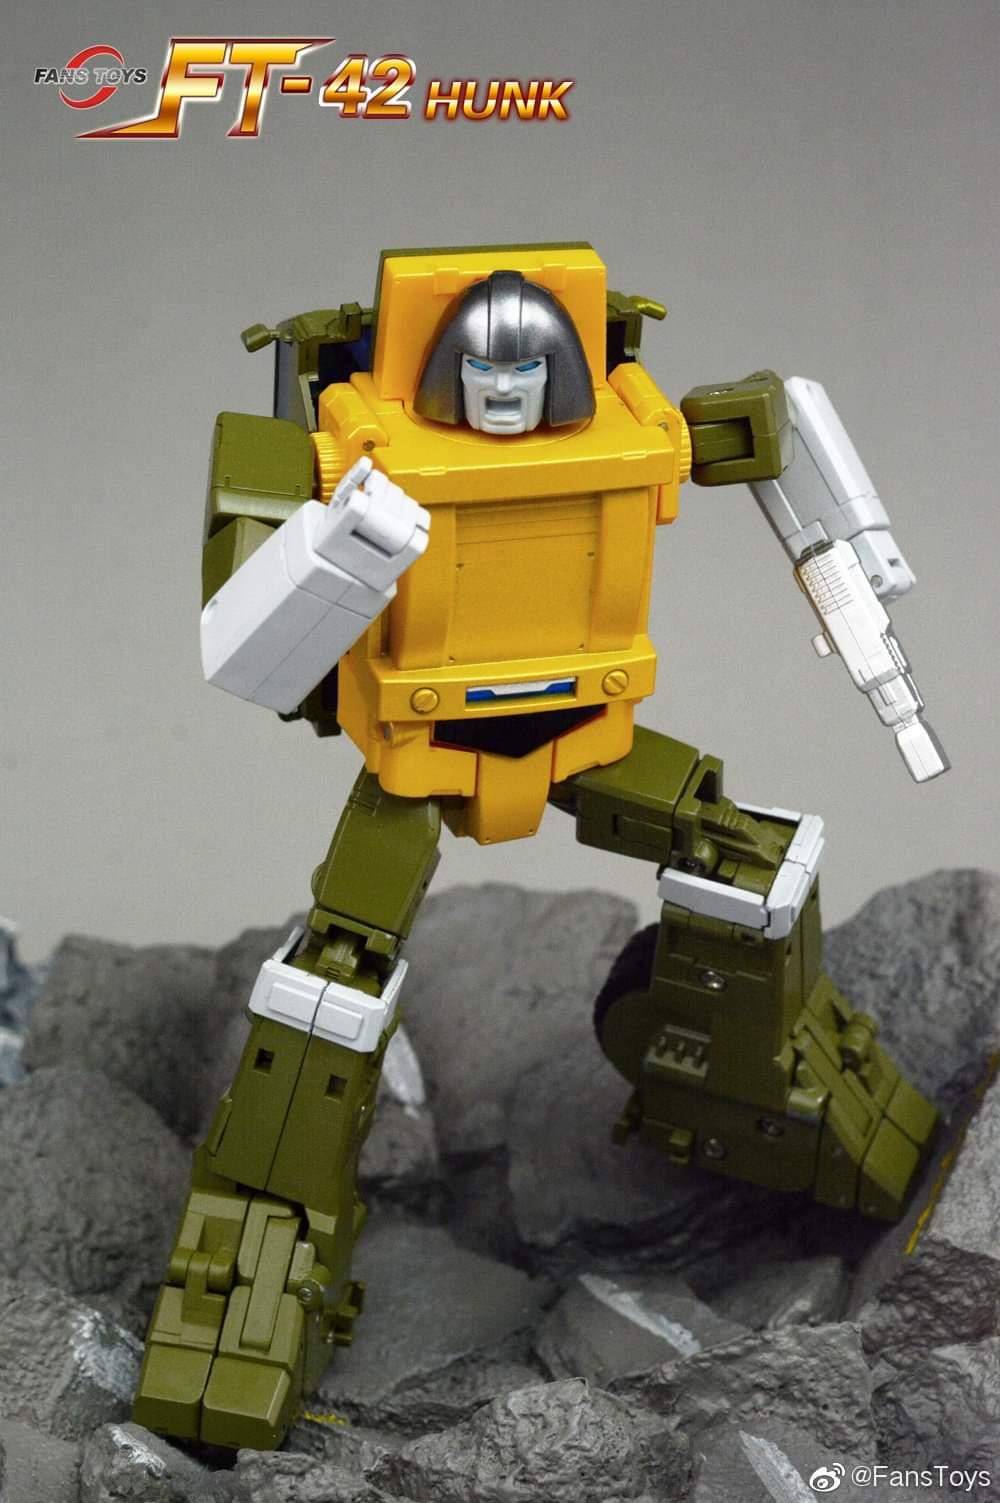 [Fanstoys] Produit Tiers - Minibots MP - Gamme FT - Page 3 J5FiDp6P_o